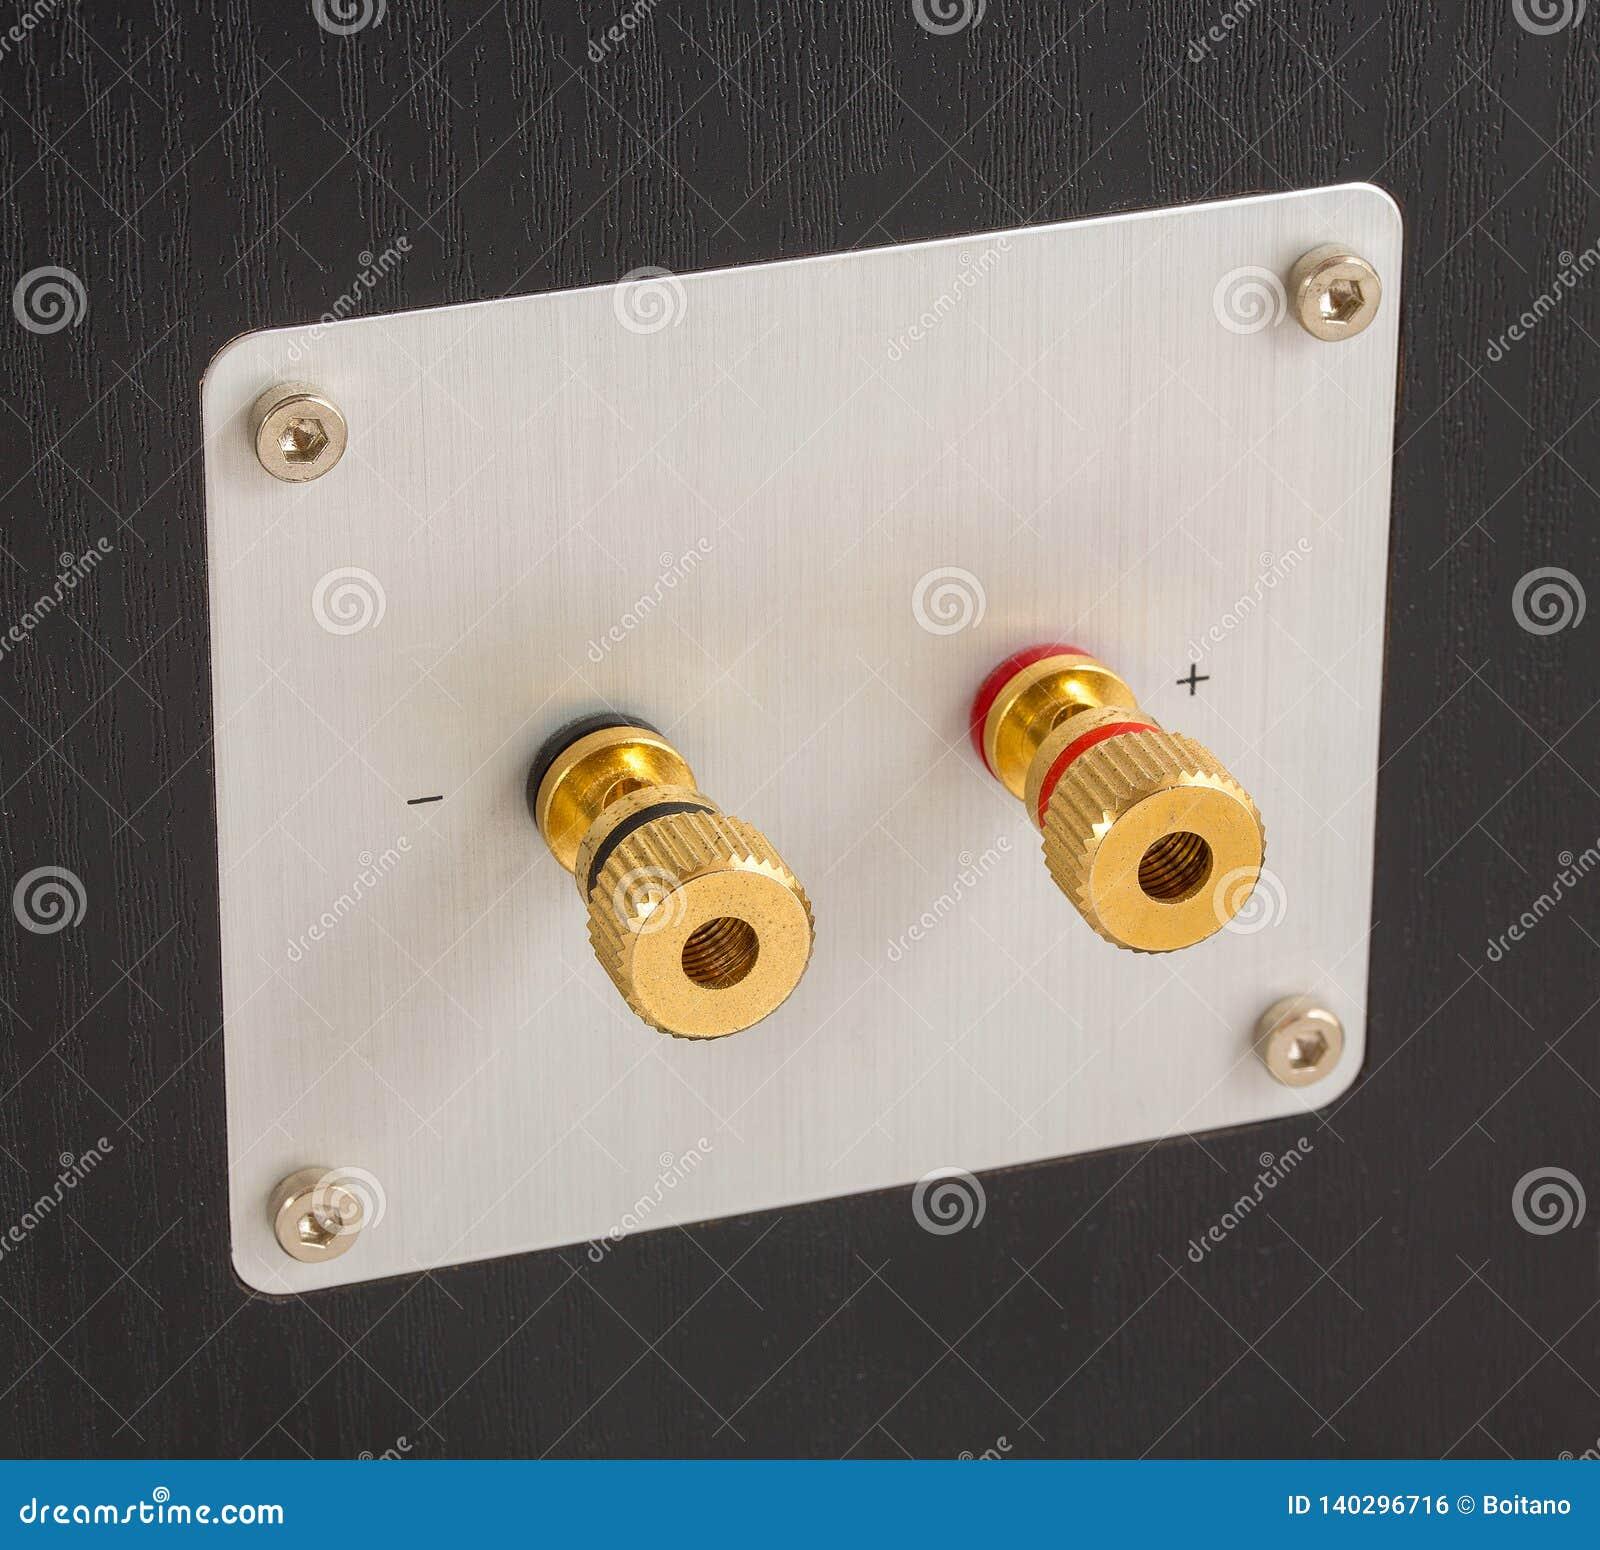 Χρυσά τερματικά παραγωγής μεγάφωνων στην πλάτη του ομιλητή Συνδετήρες για τη σύνδεση του καλωδίου ή του καλωδίου